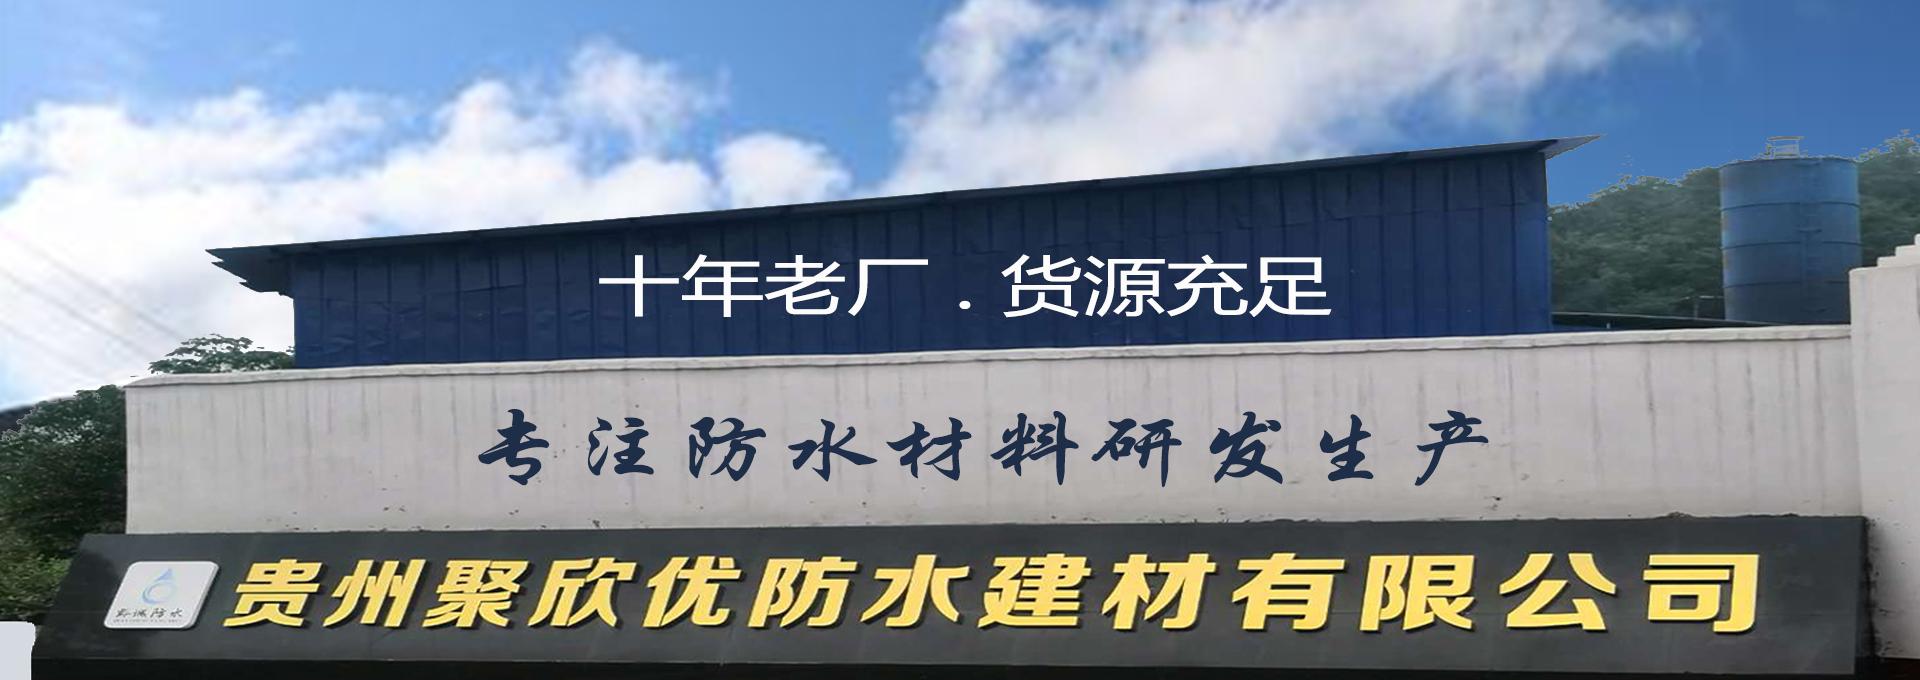 贵州防水建材